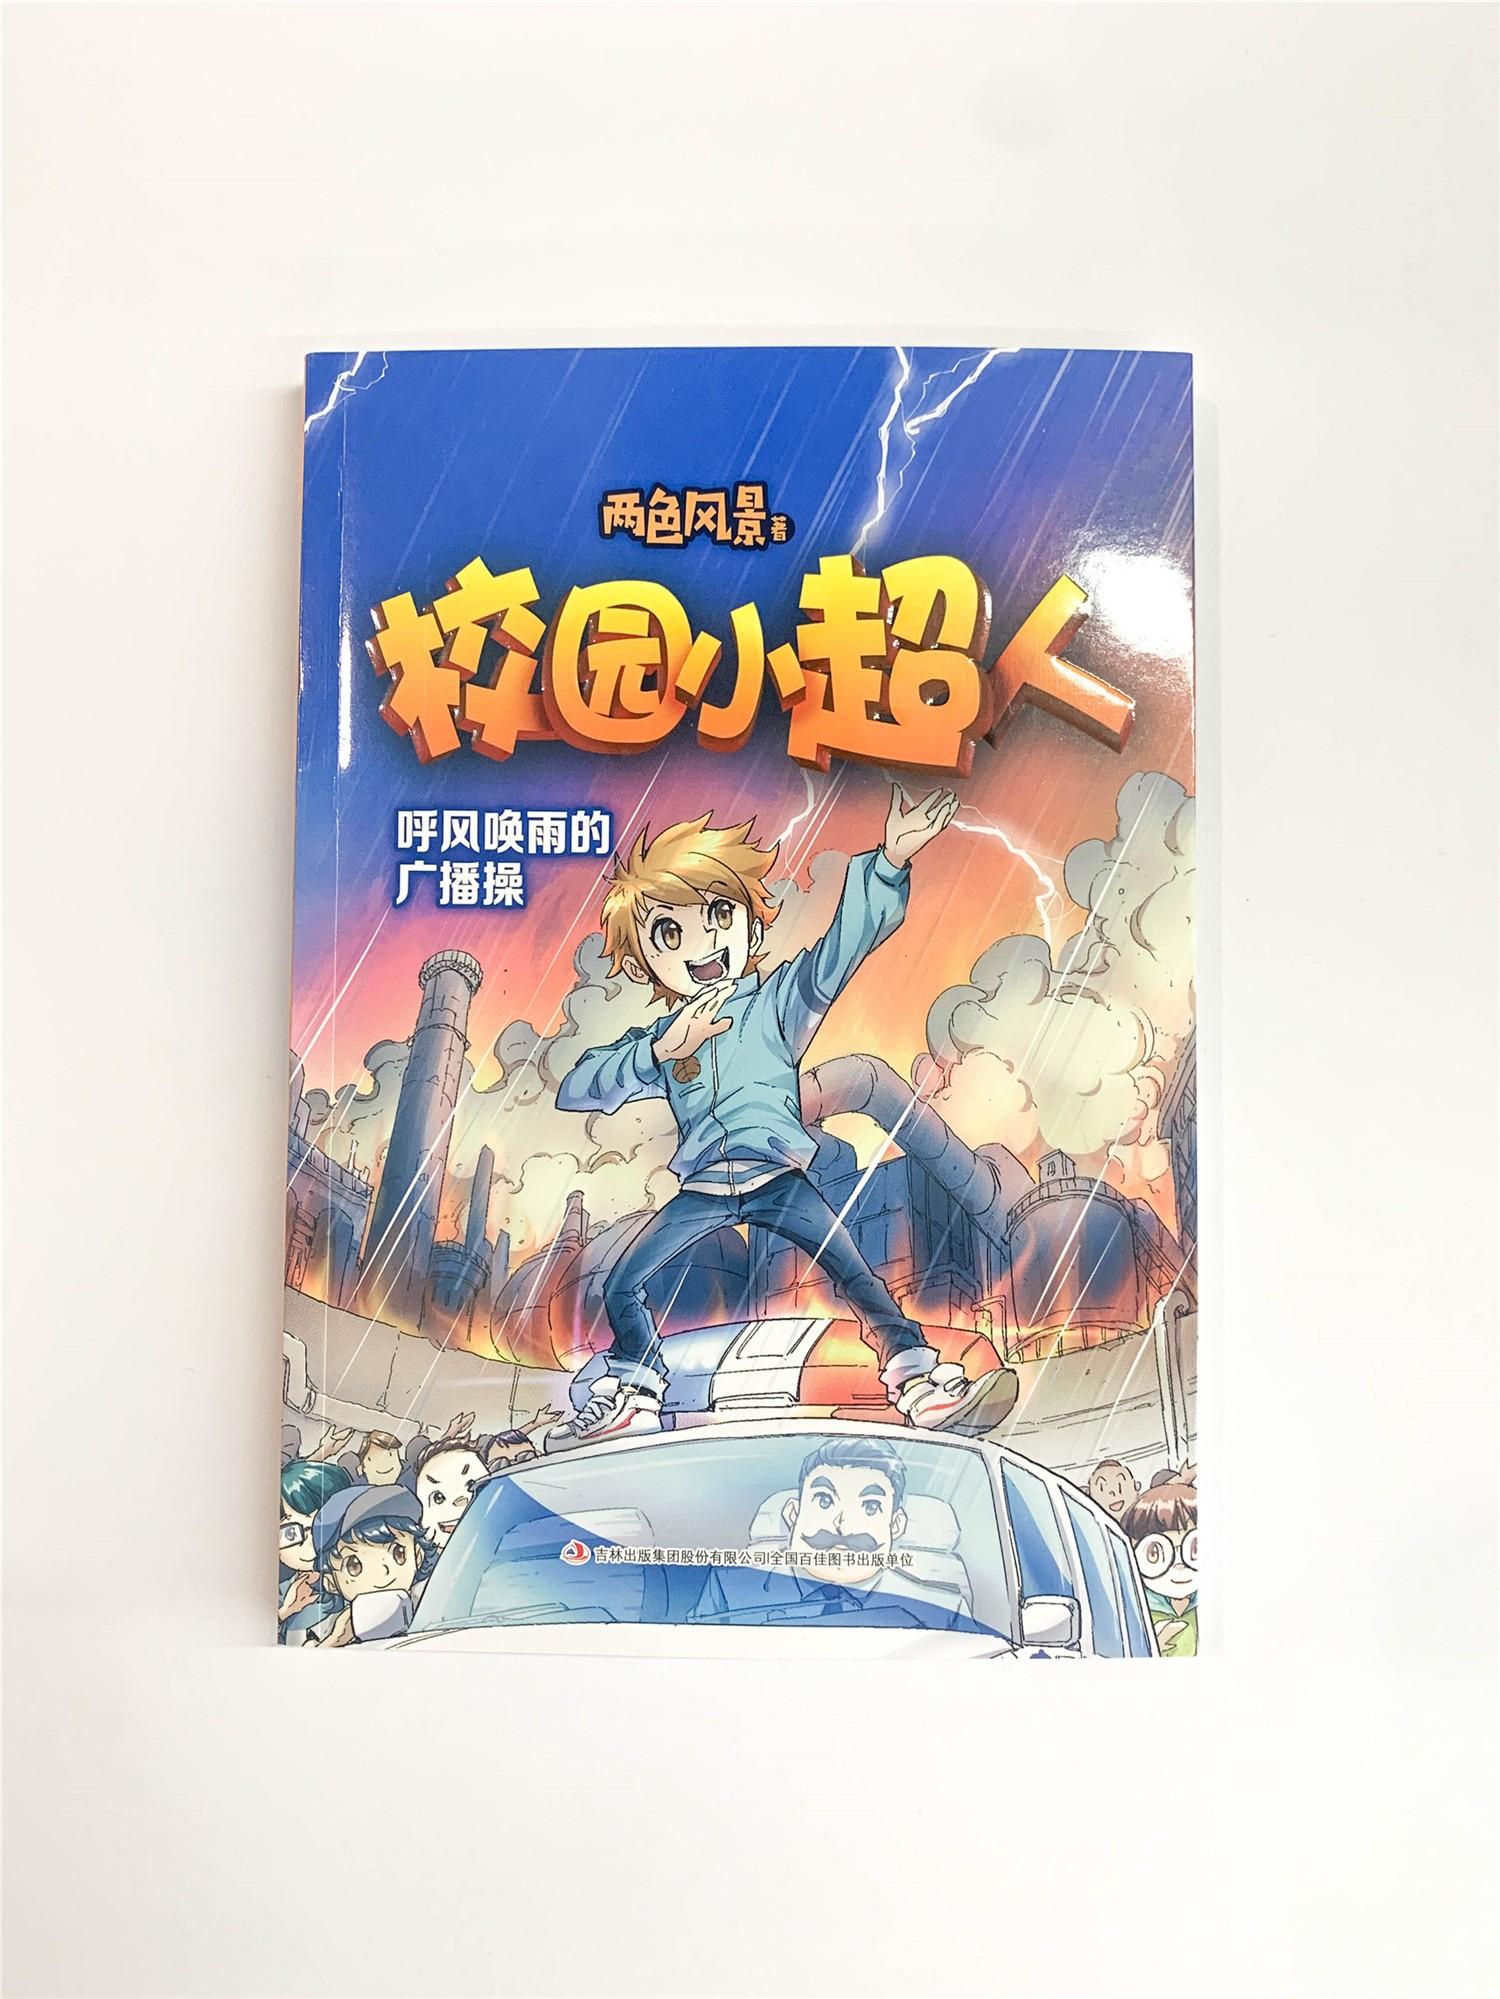 长春市博锐文化传媒有限公司:从小读书对日后写作有好处吗